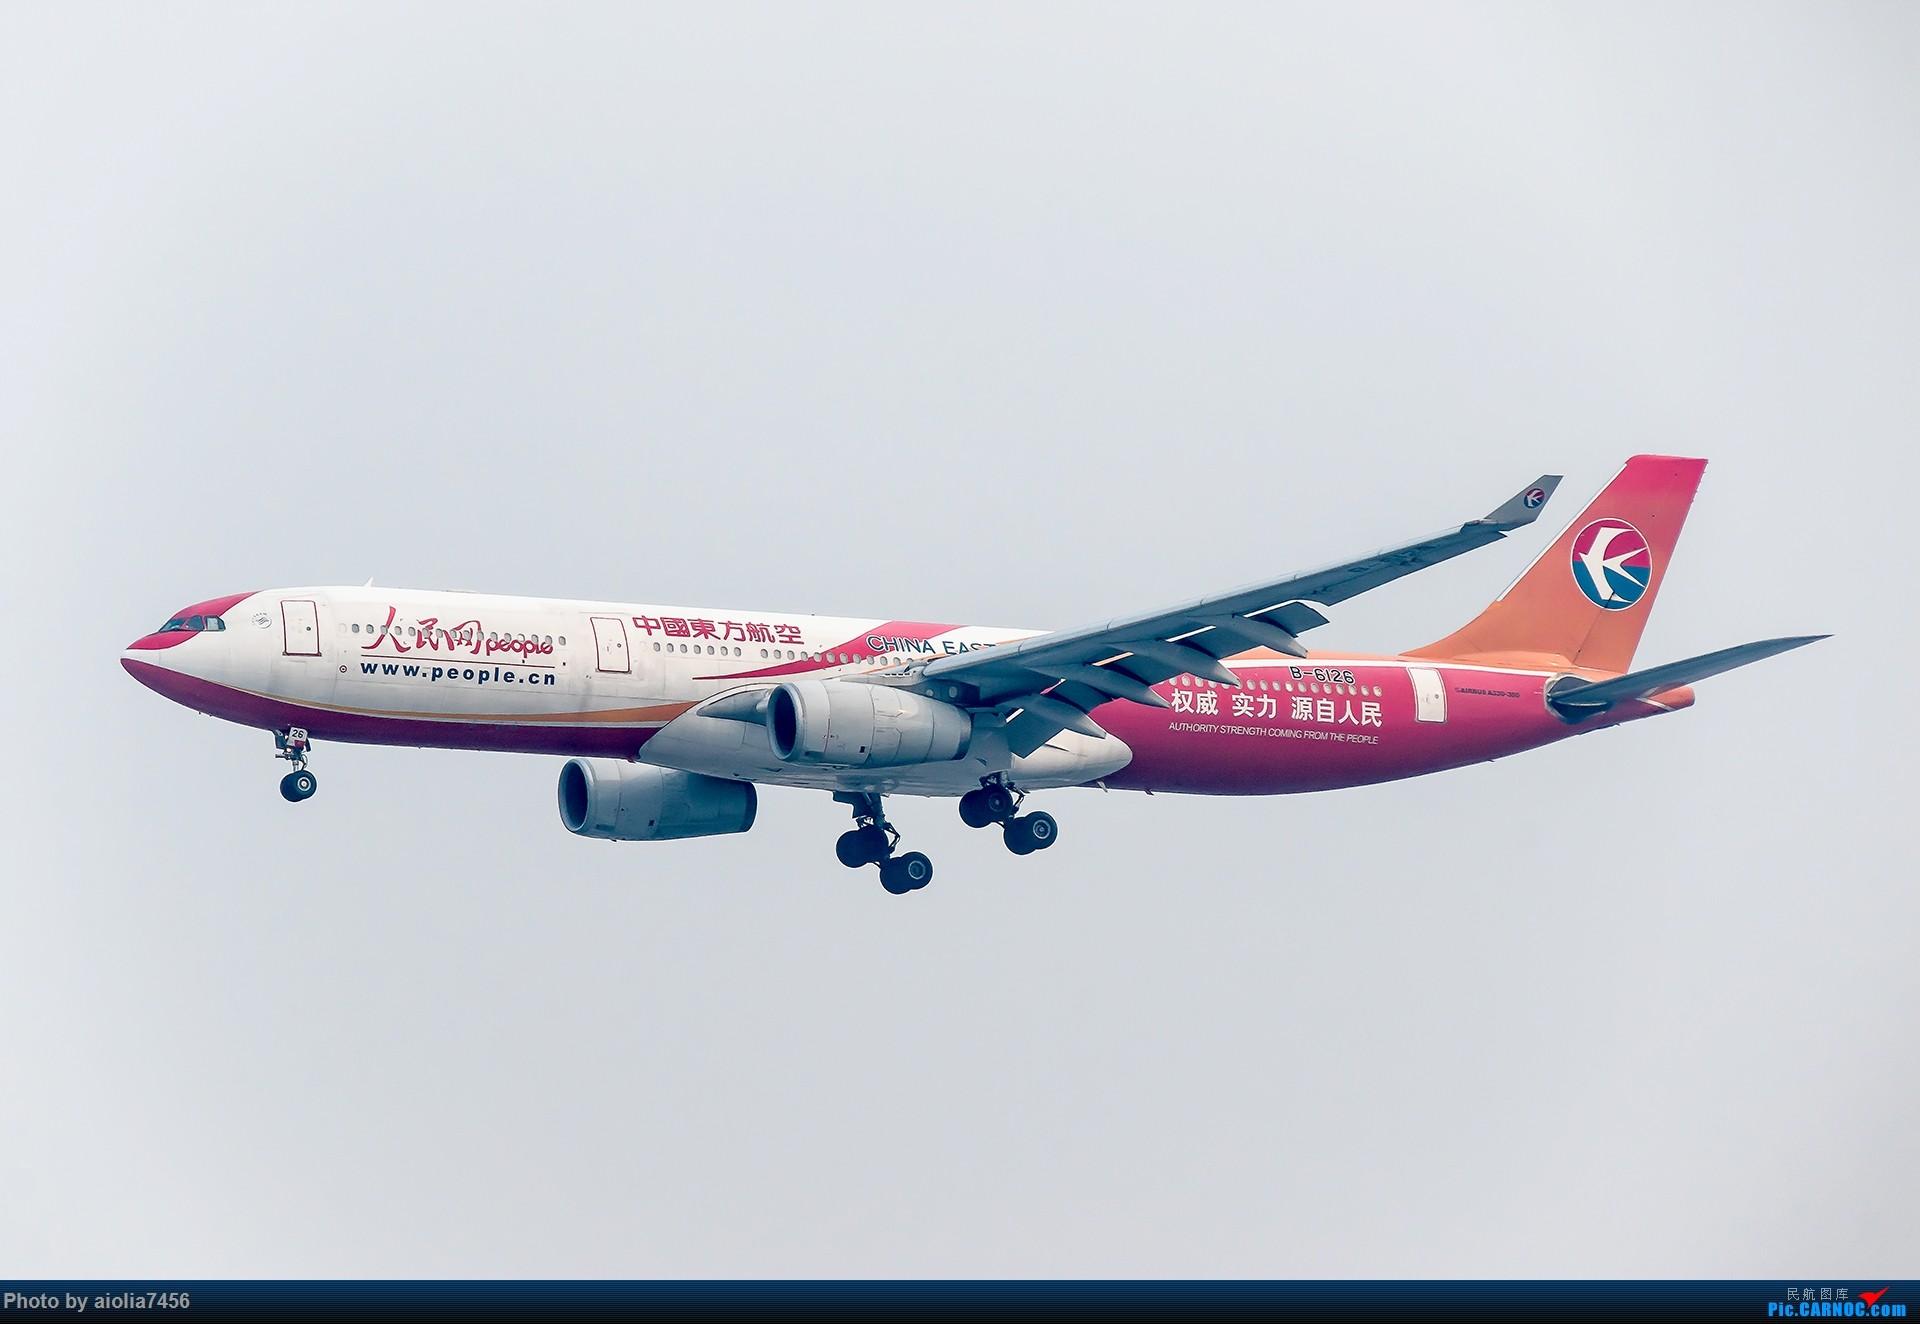 Re:[原创][霸都打机队]摸摸怀中的7D2,好宝宝,跟了新的主人你要乖乖听话哦,离开我之前,我带你逛一圈ZSSS,最后一次陪我看看那些我们不怎么看得到的宽体吧。 AIRBUS A330-300 B-6126 中国上海虹桥国际机场